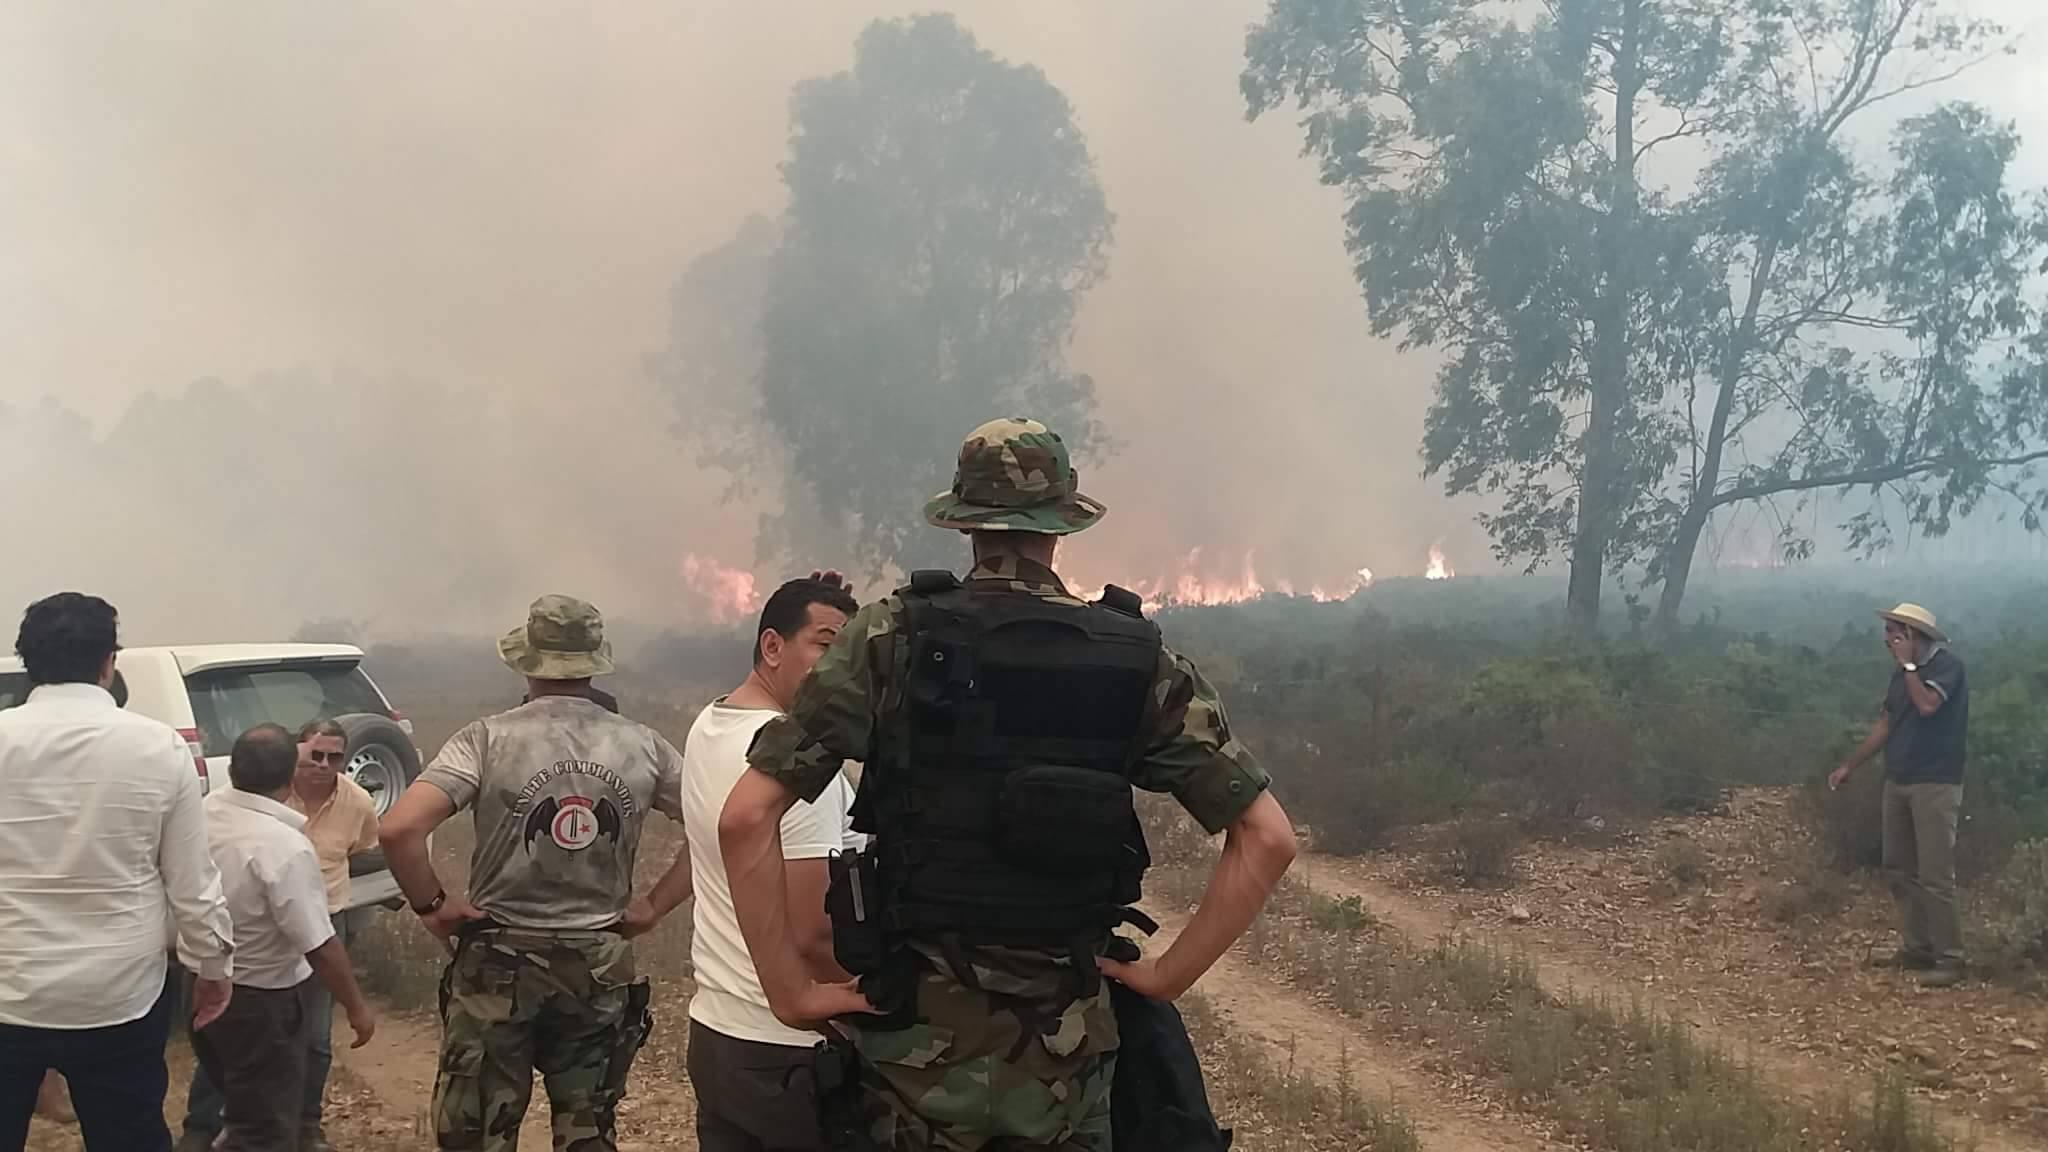 حريق - حرائق - نيران - غابة - غابات - تونس